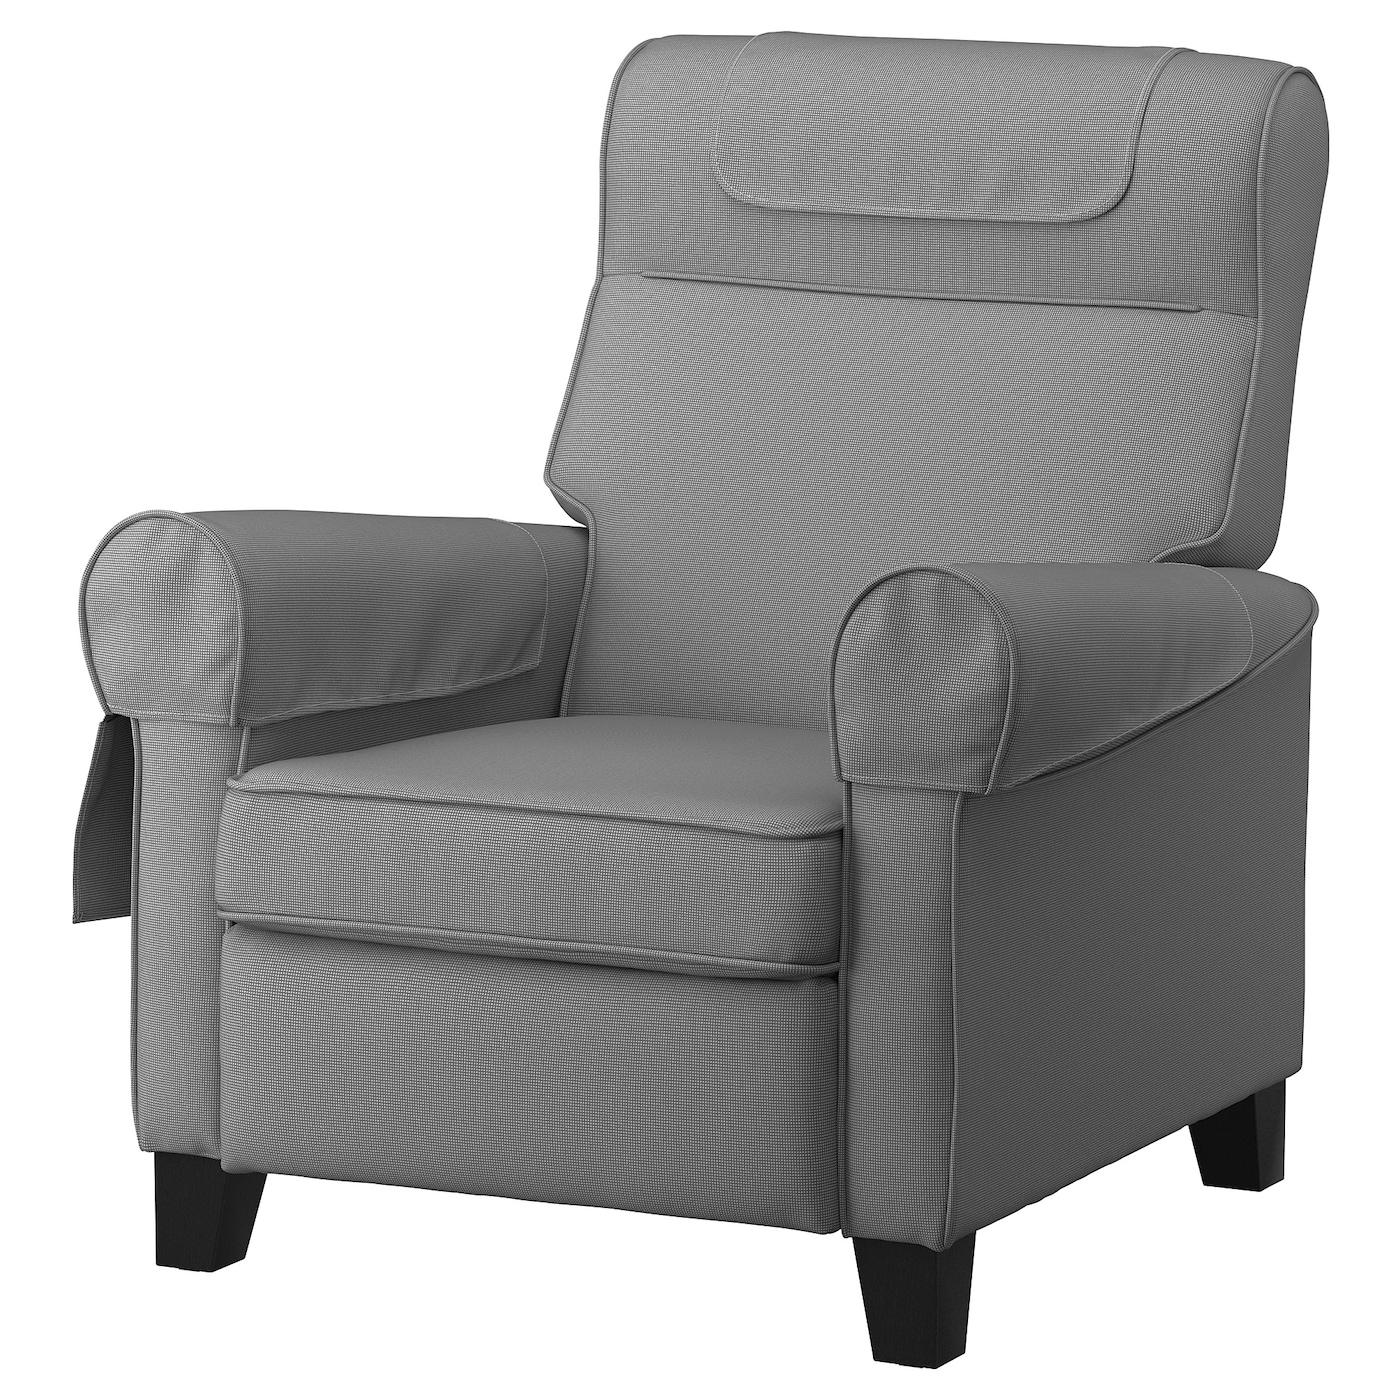 Muren Fauteuil Confort - Remmarn Gris Clair concernant Fauteuil Relax Électrique Ikea